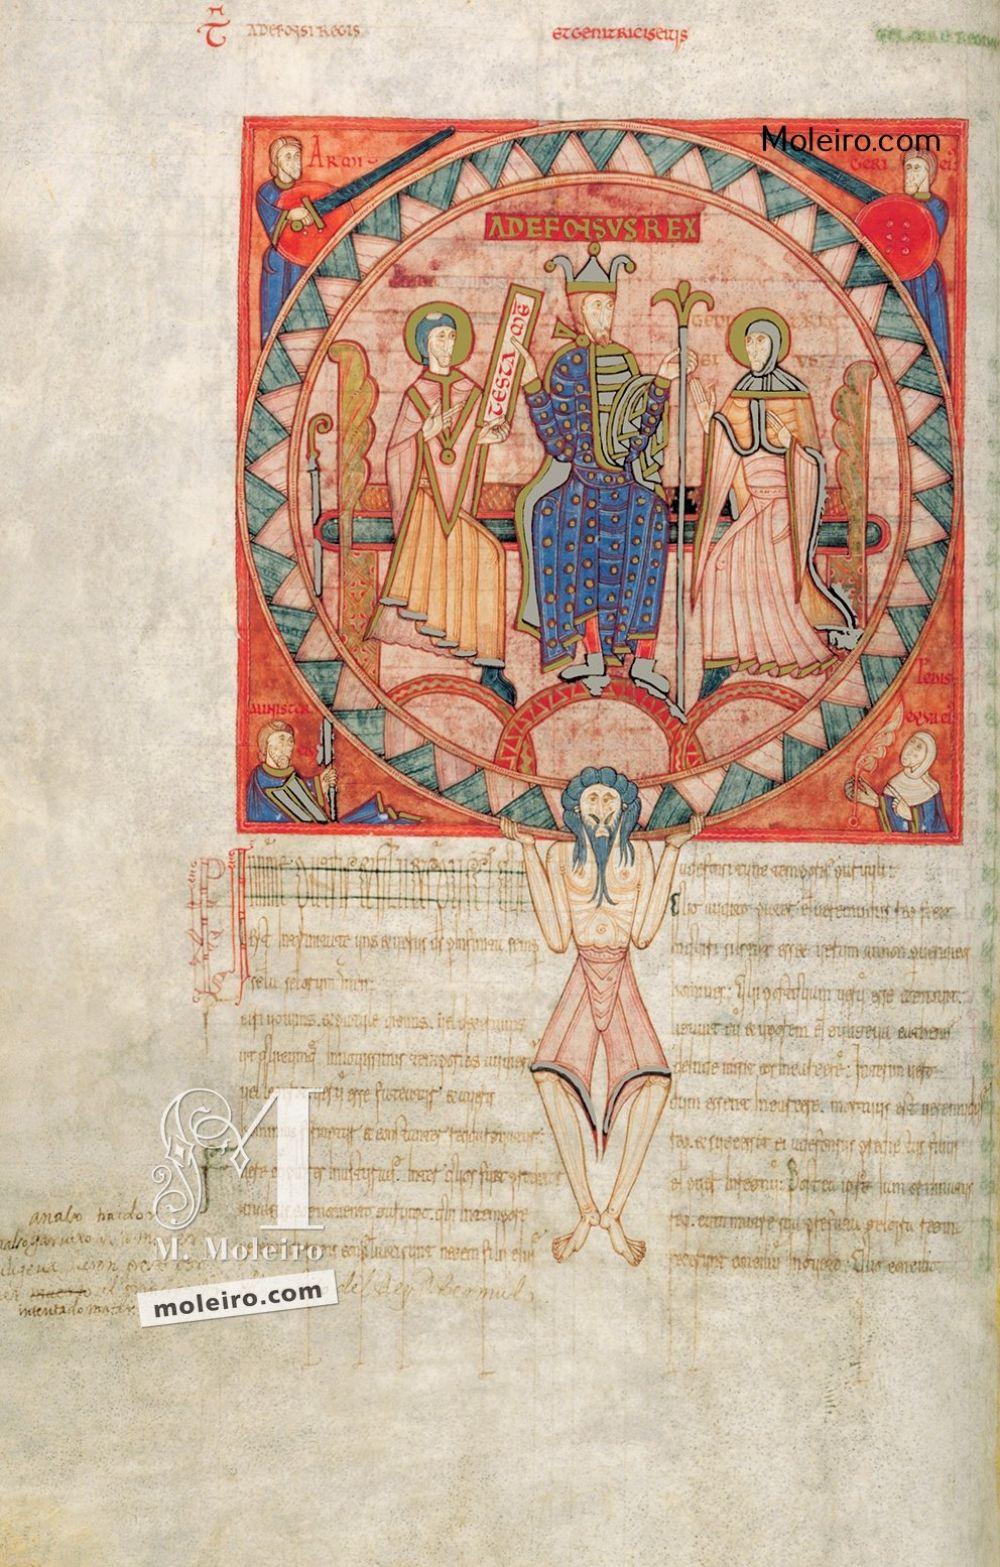 f. 53v, Testamento de Alfonso V en el Libro de los Testamentos Catedral Metropolitana, Oviedo (Siglo II) Liber Testamentorum